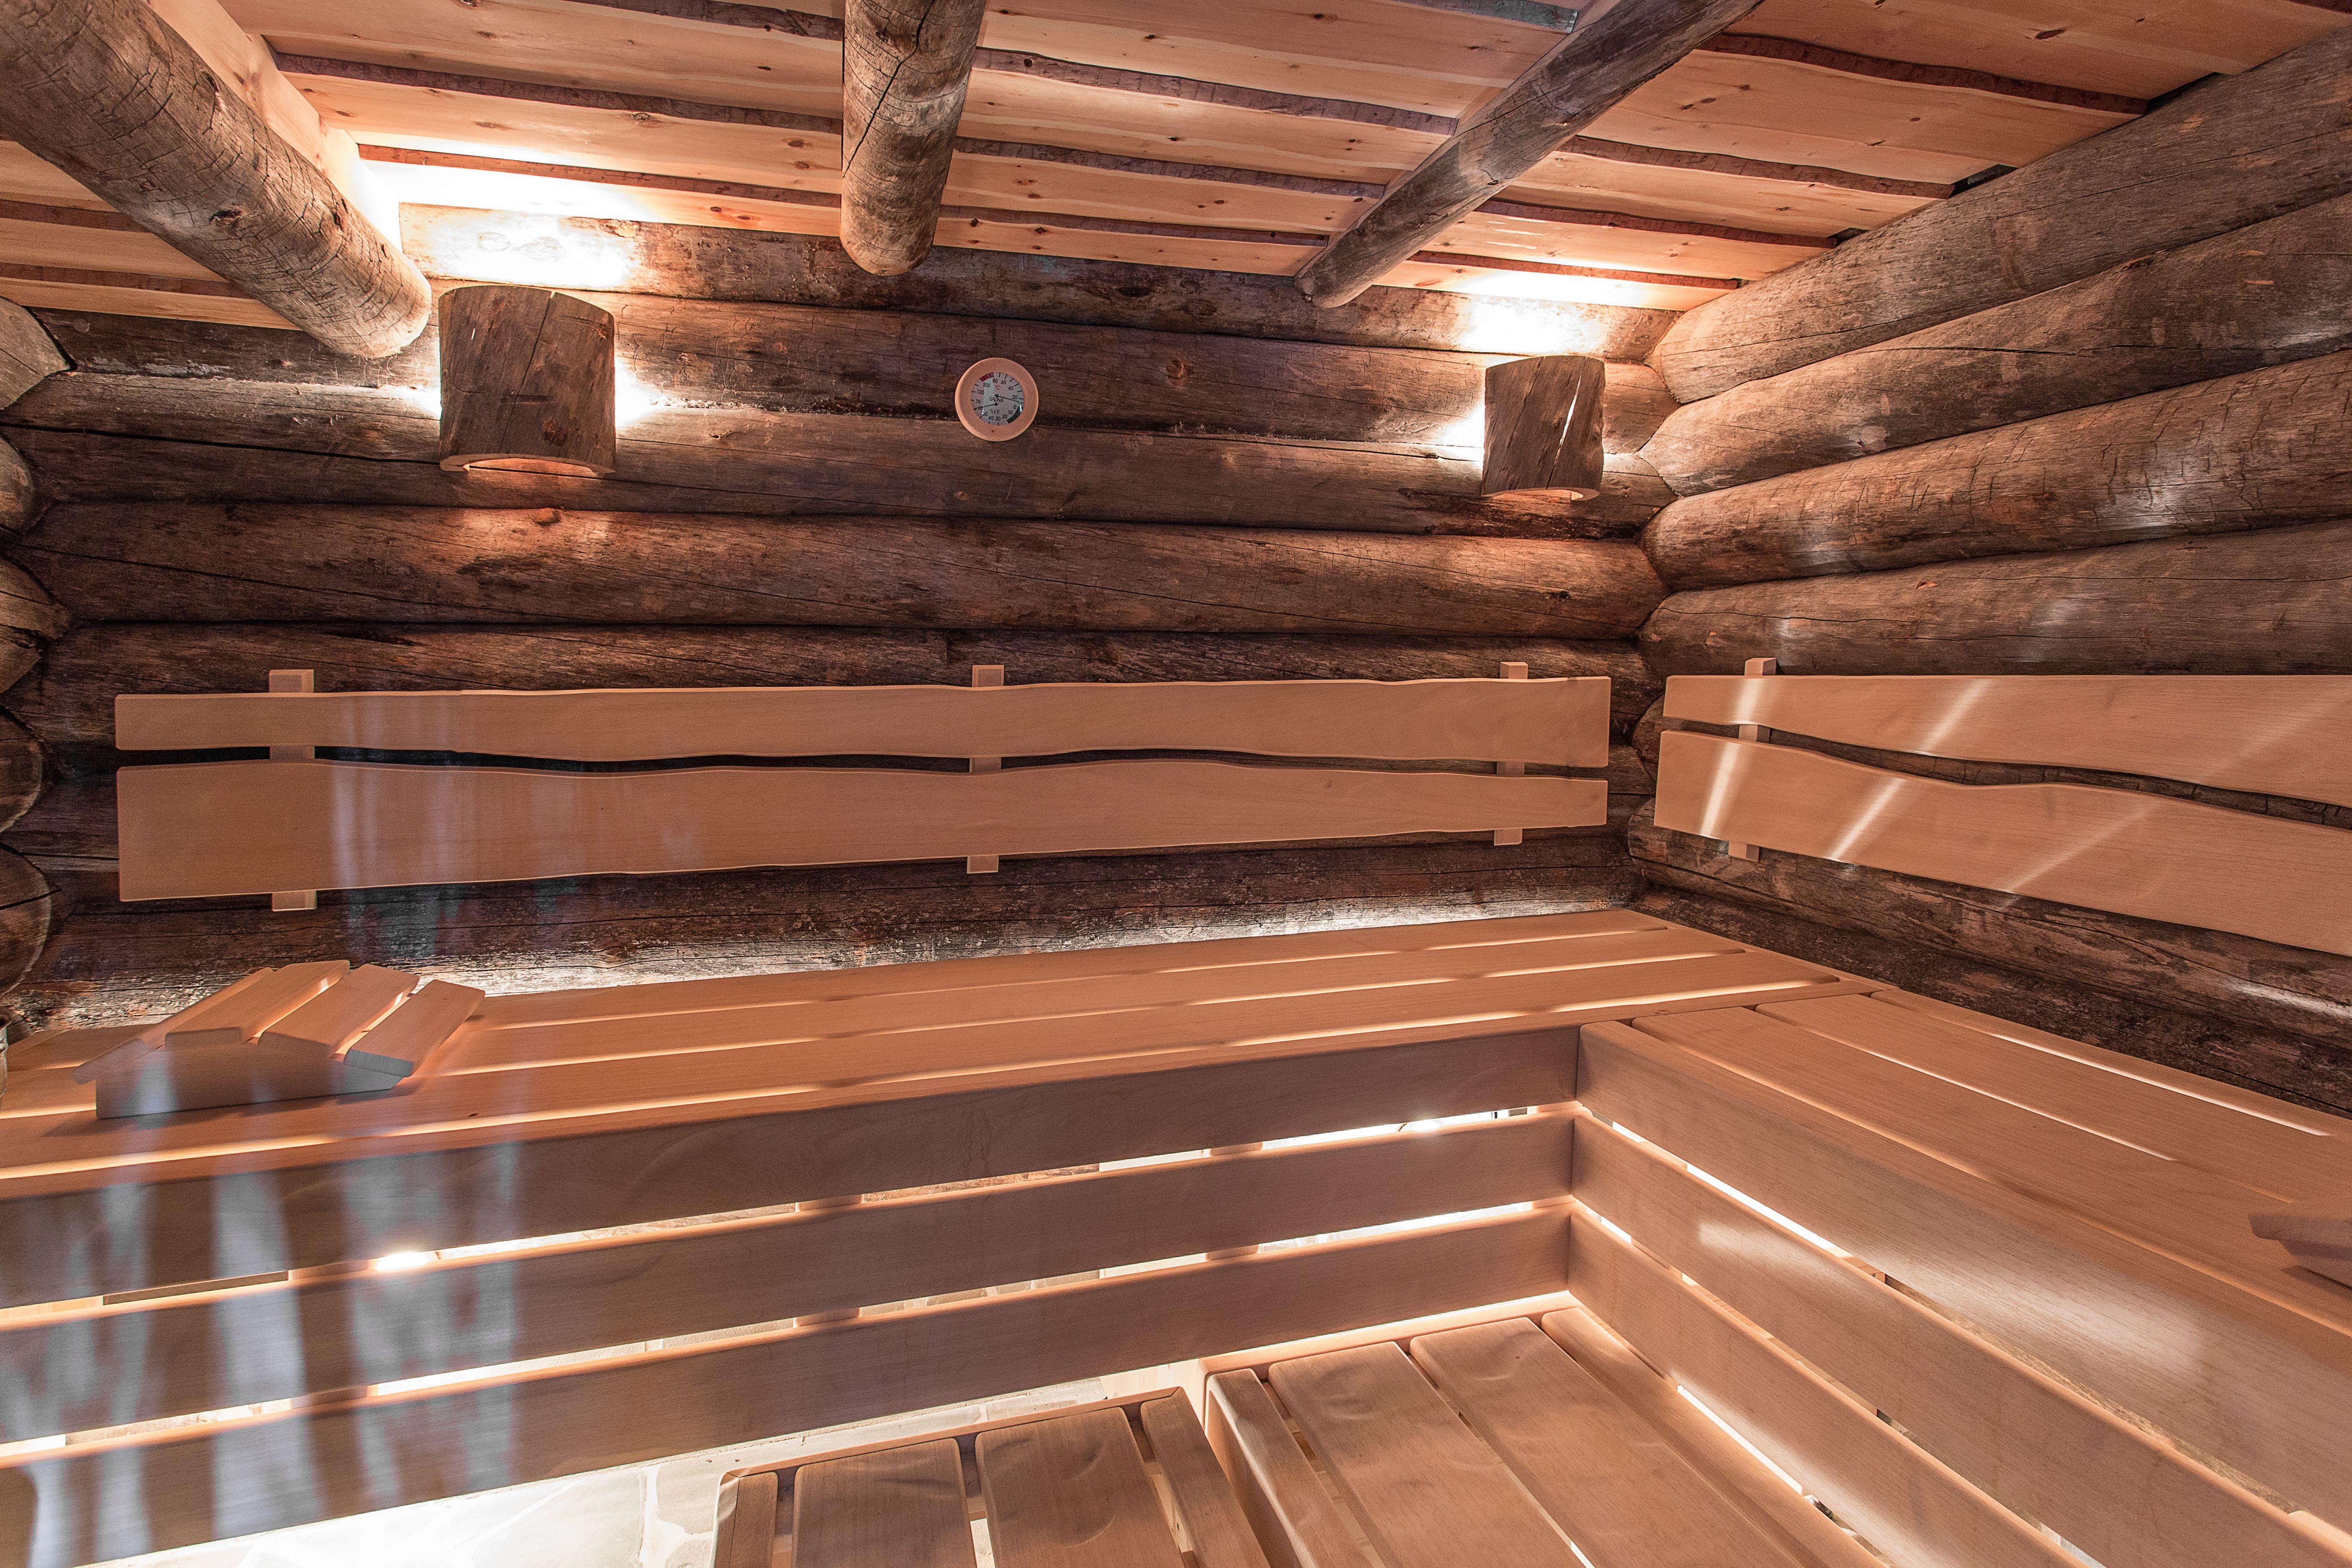 Die Rustikalen Kehlostamme Werden Erganze Von Der Rustikalen Bankeinrichtung Welche Des Stil Des Hauses Aufnimmt Sauna Aussen Rustikale Bader Gartensauna